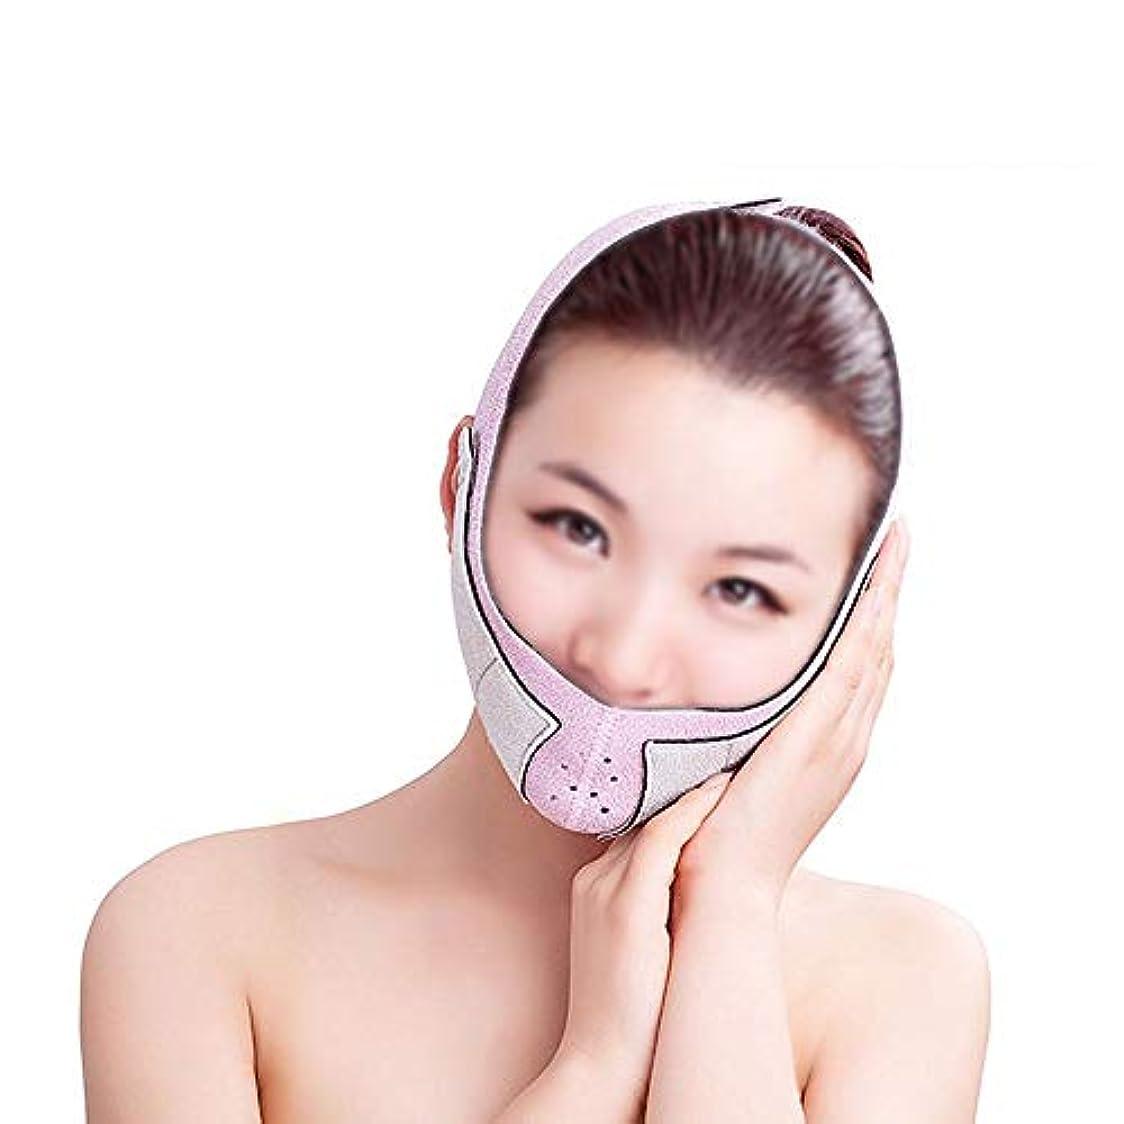 苦痛マルクス主義一般化するTLMY 薄い顔マスク痩身ベルト薄い顔マスク強力なアップグレード小さいV顔薄い顔包帯美容顔デバイス 顔用整形マスク